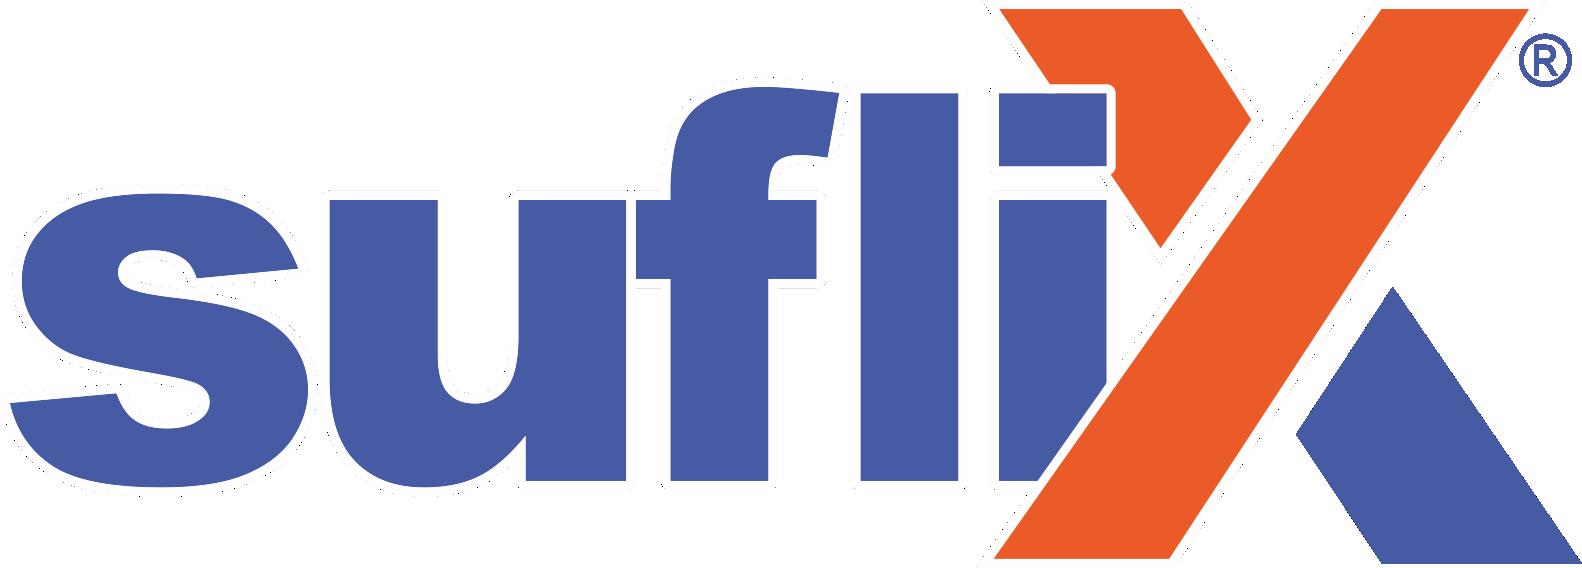 SFX® Suflix